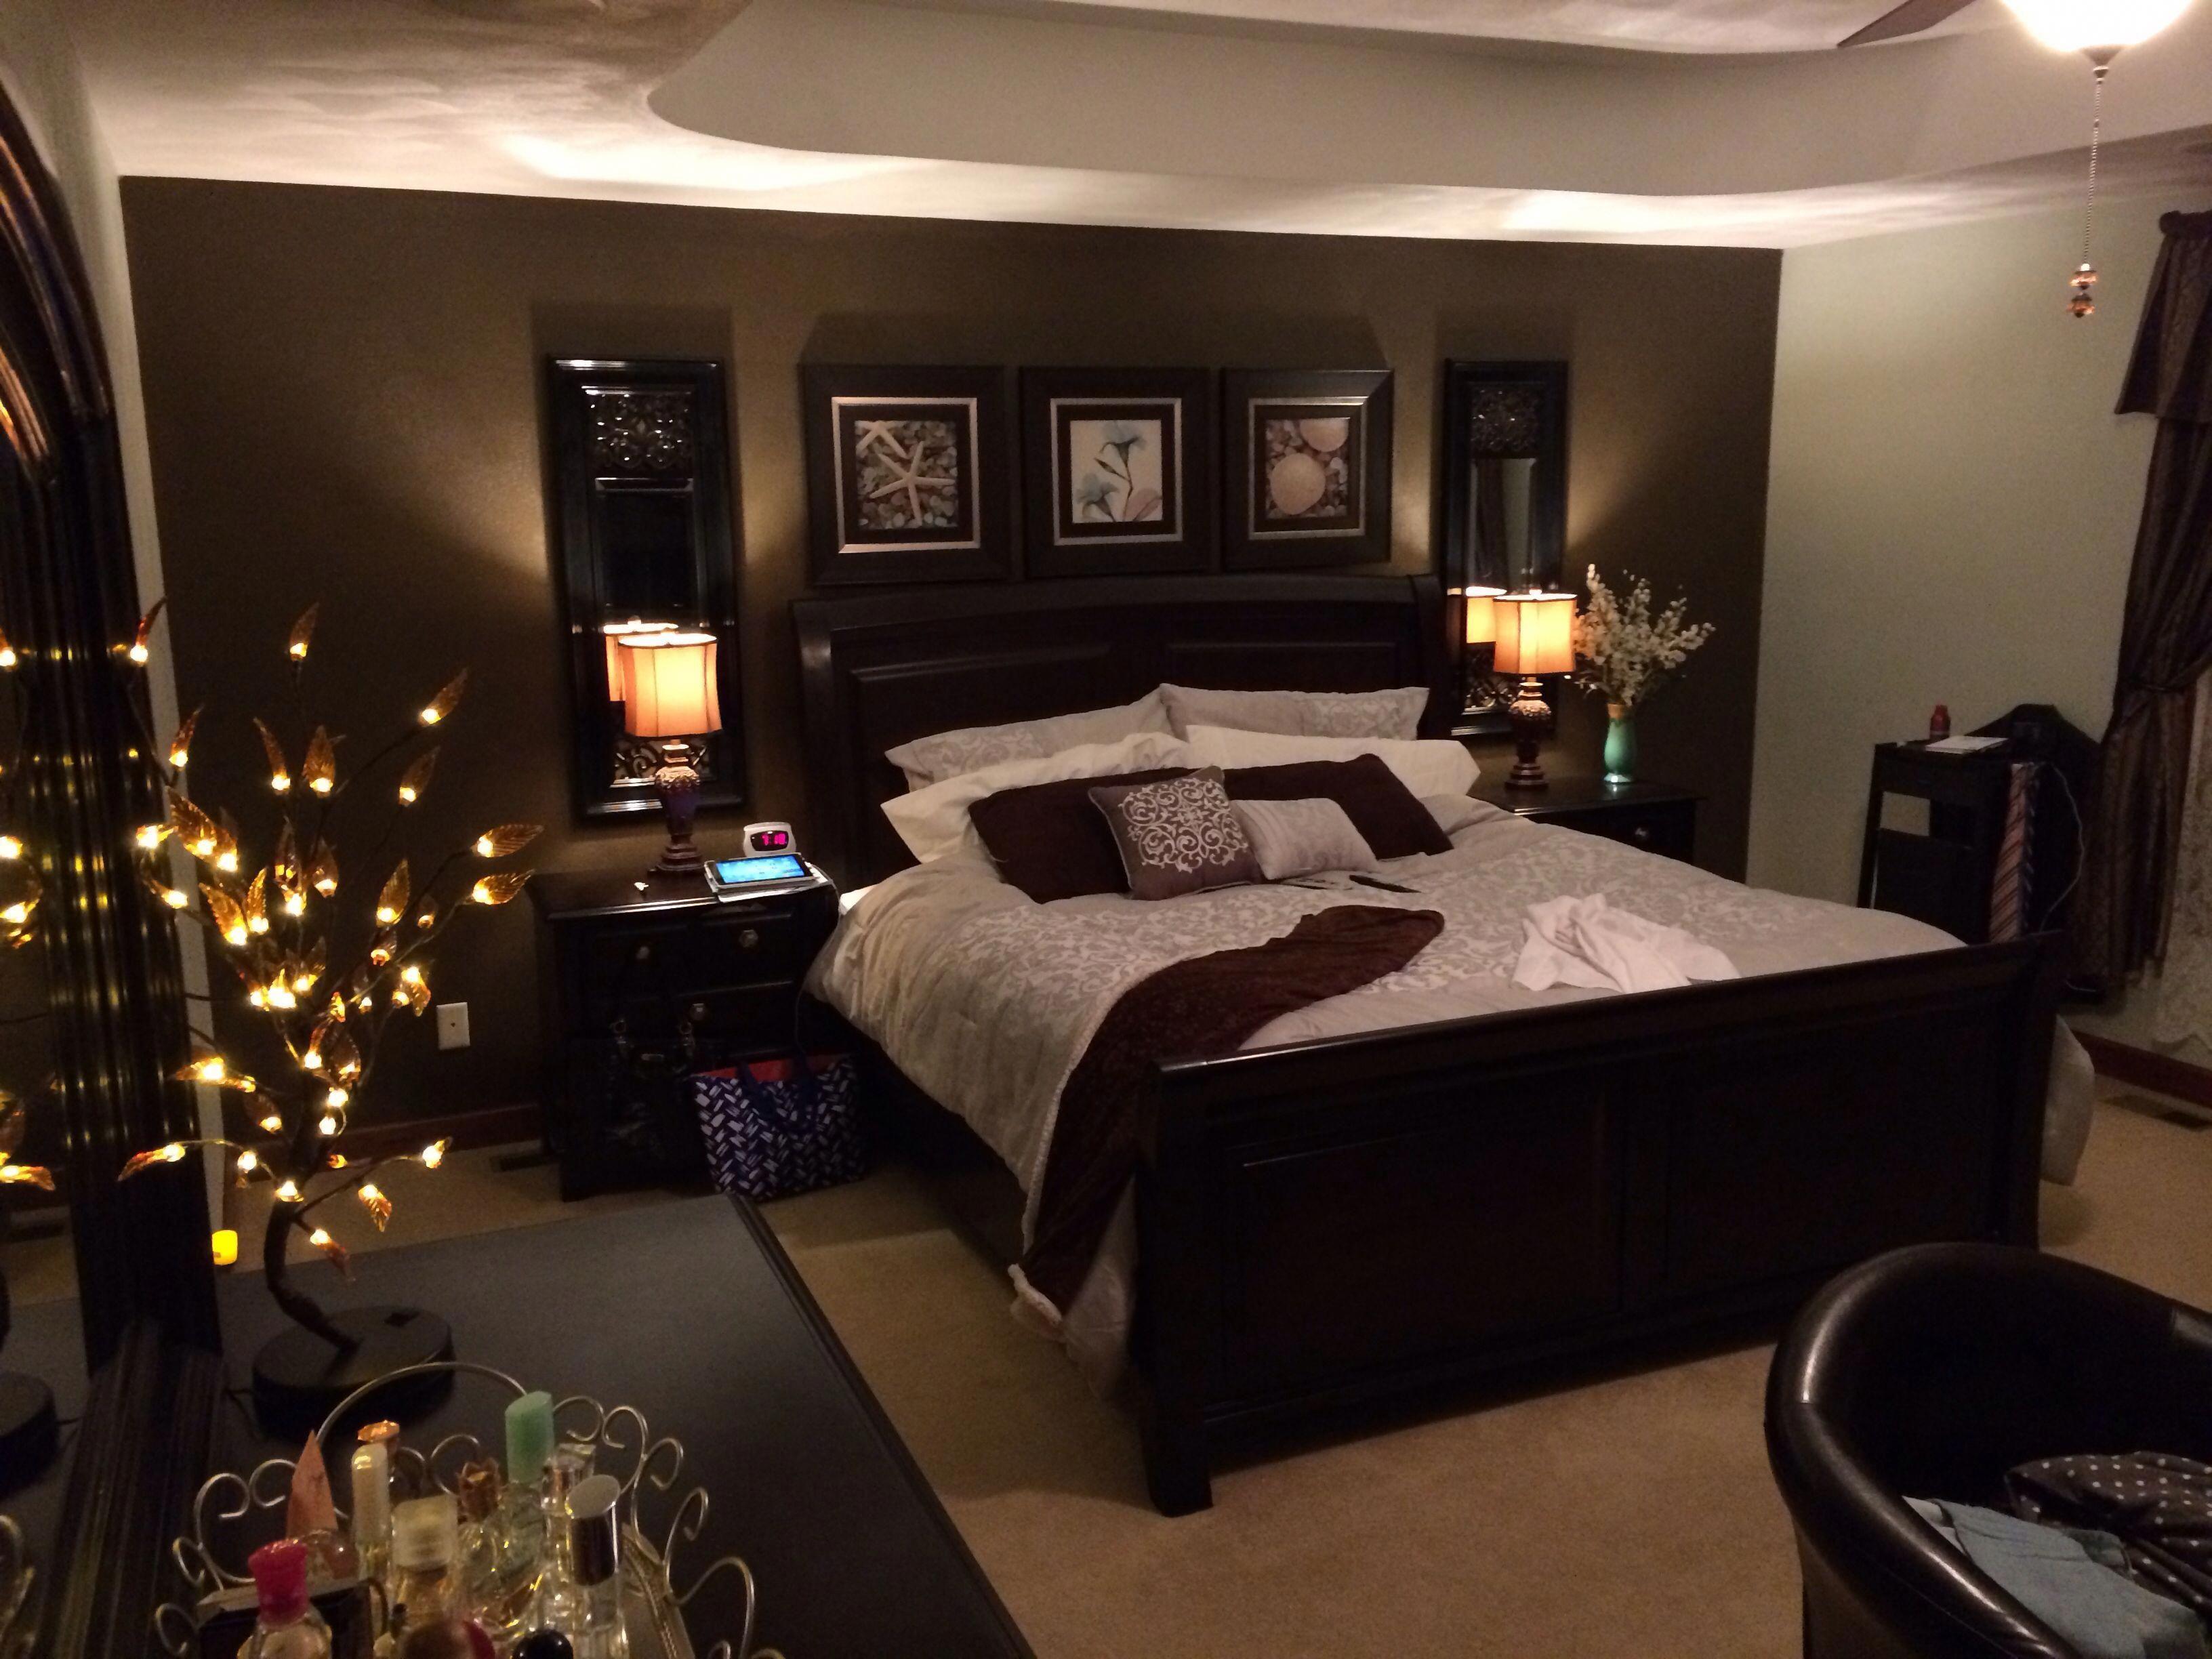 Wie Ein Luxuriosen Schlafzimmer Mehr Platz Schaffen Rustikaleglamschlafzimmer Elegant Bedroom Decor Elegant Master Bedroom Romantic Bedroom Design